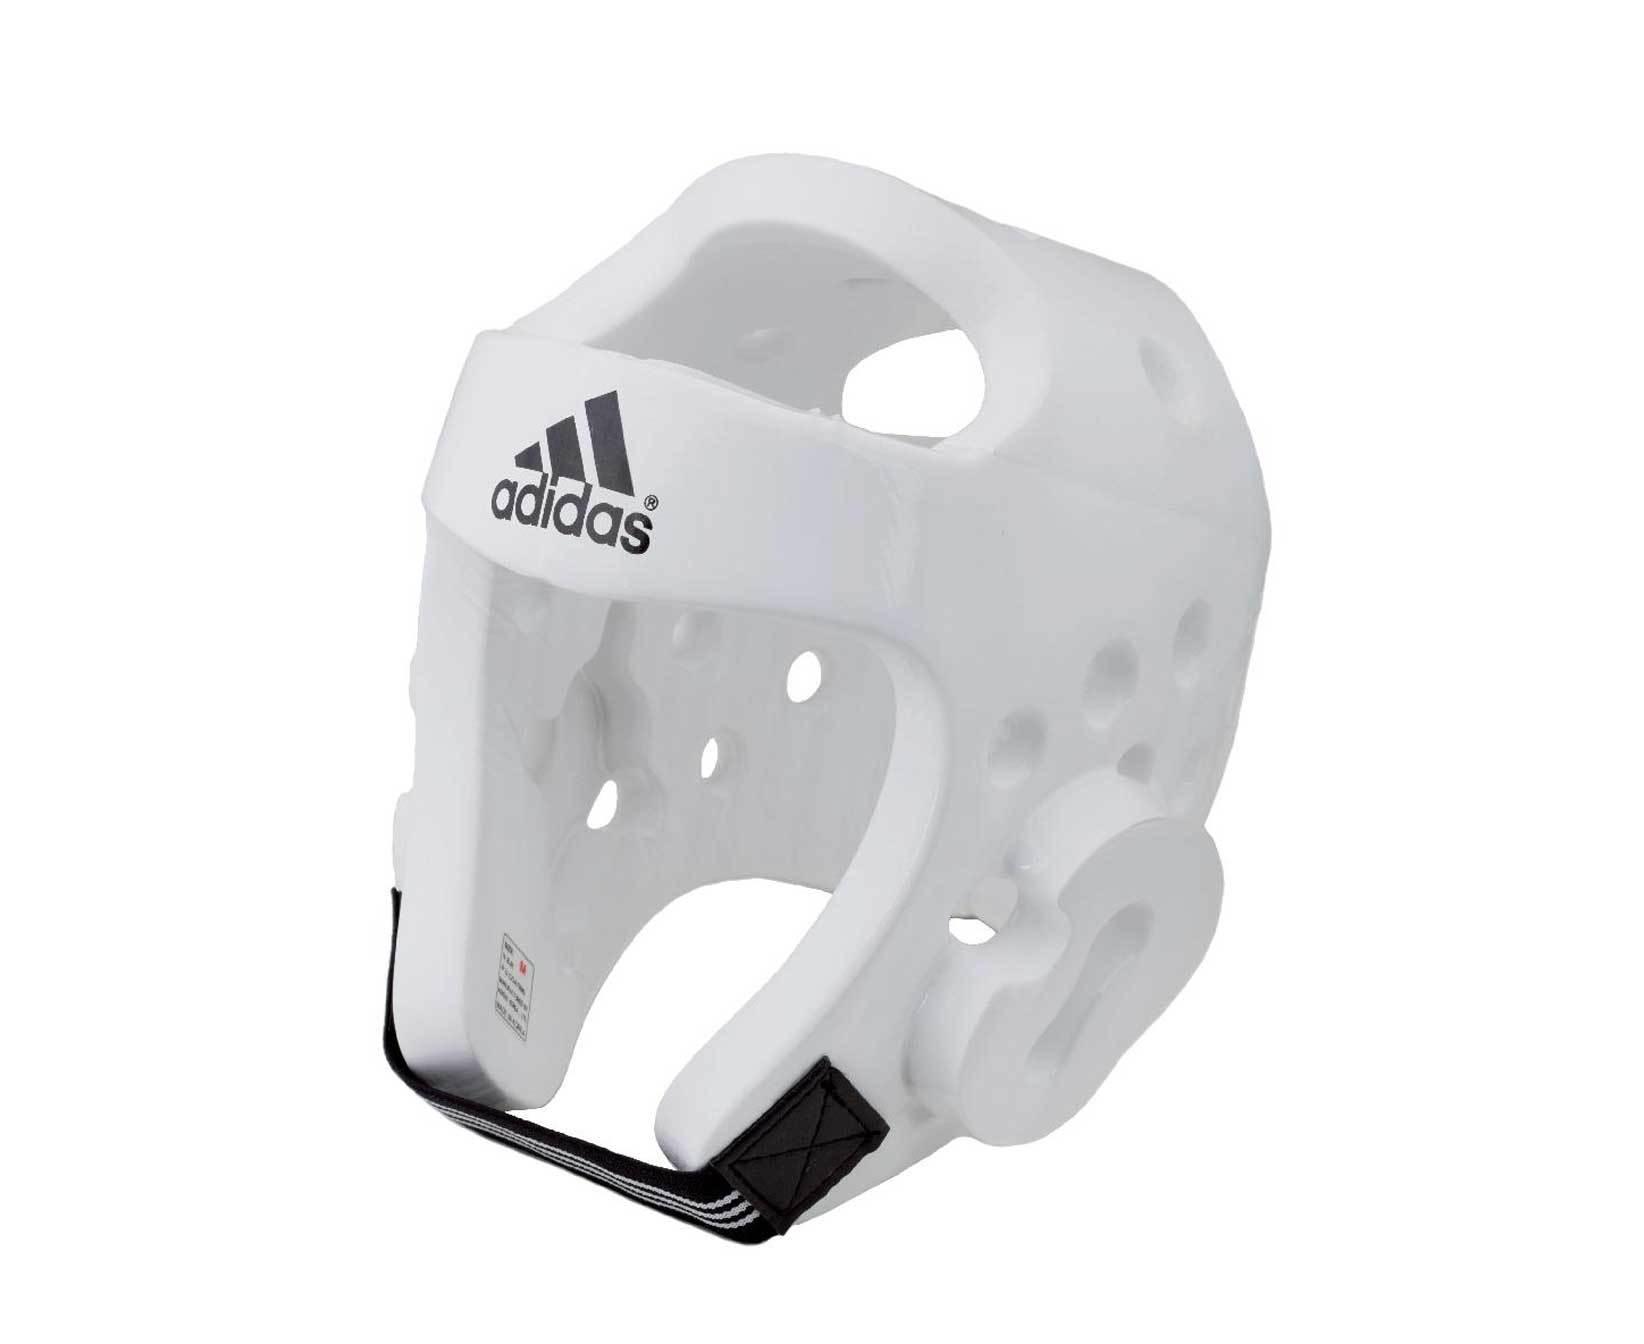 Шлемы Шлем для тхэквондо Head Guard Dip Foam WTF белый shlem_dlya_tkhekvondo_head_guard_dip_foam_wtf_belyy.jpg